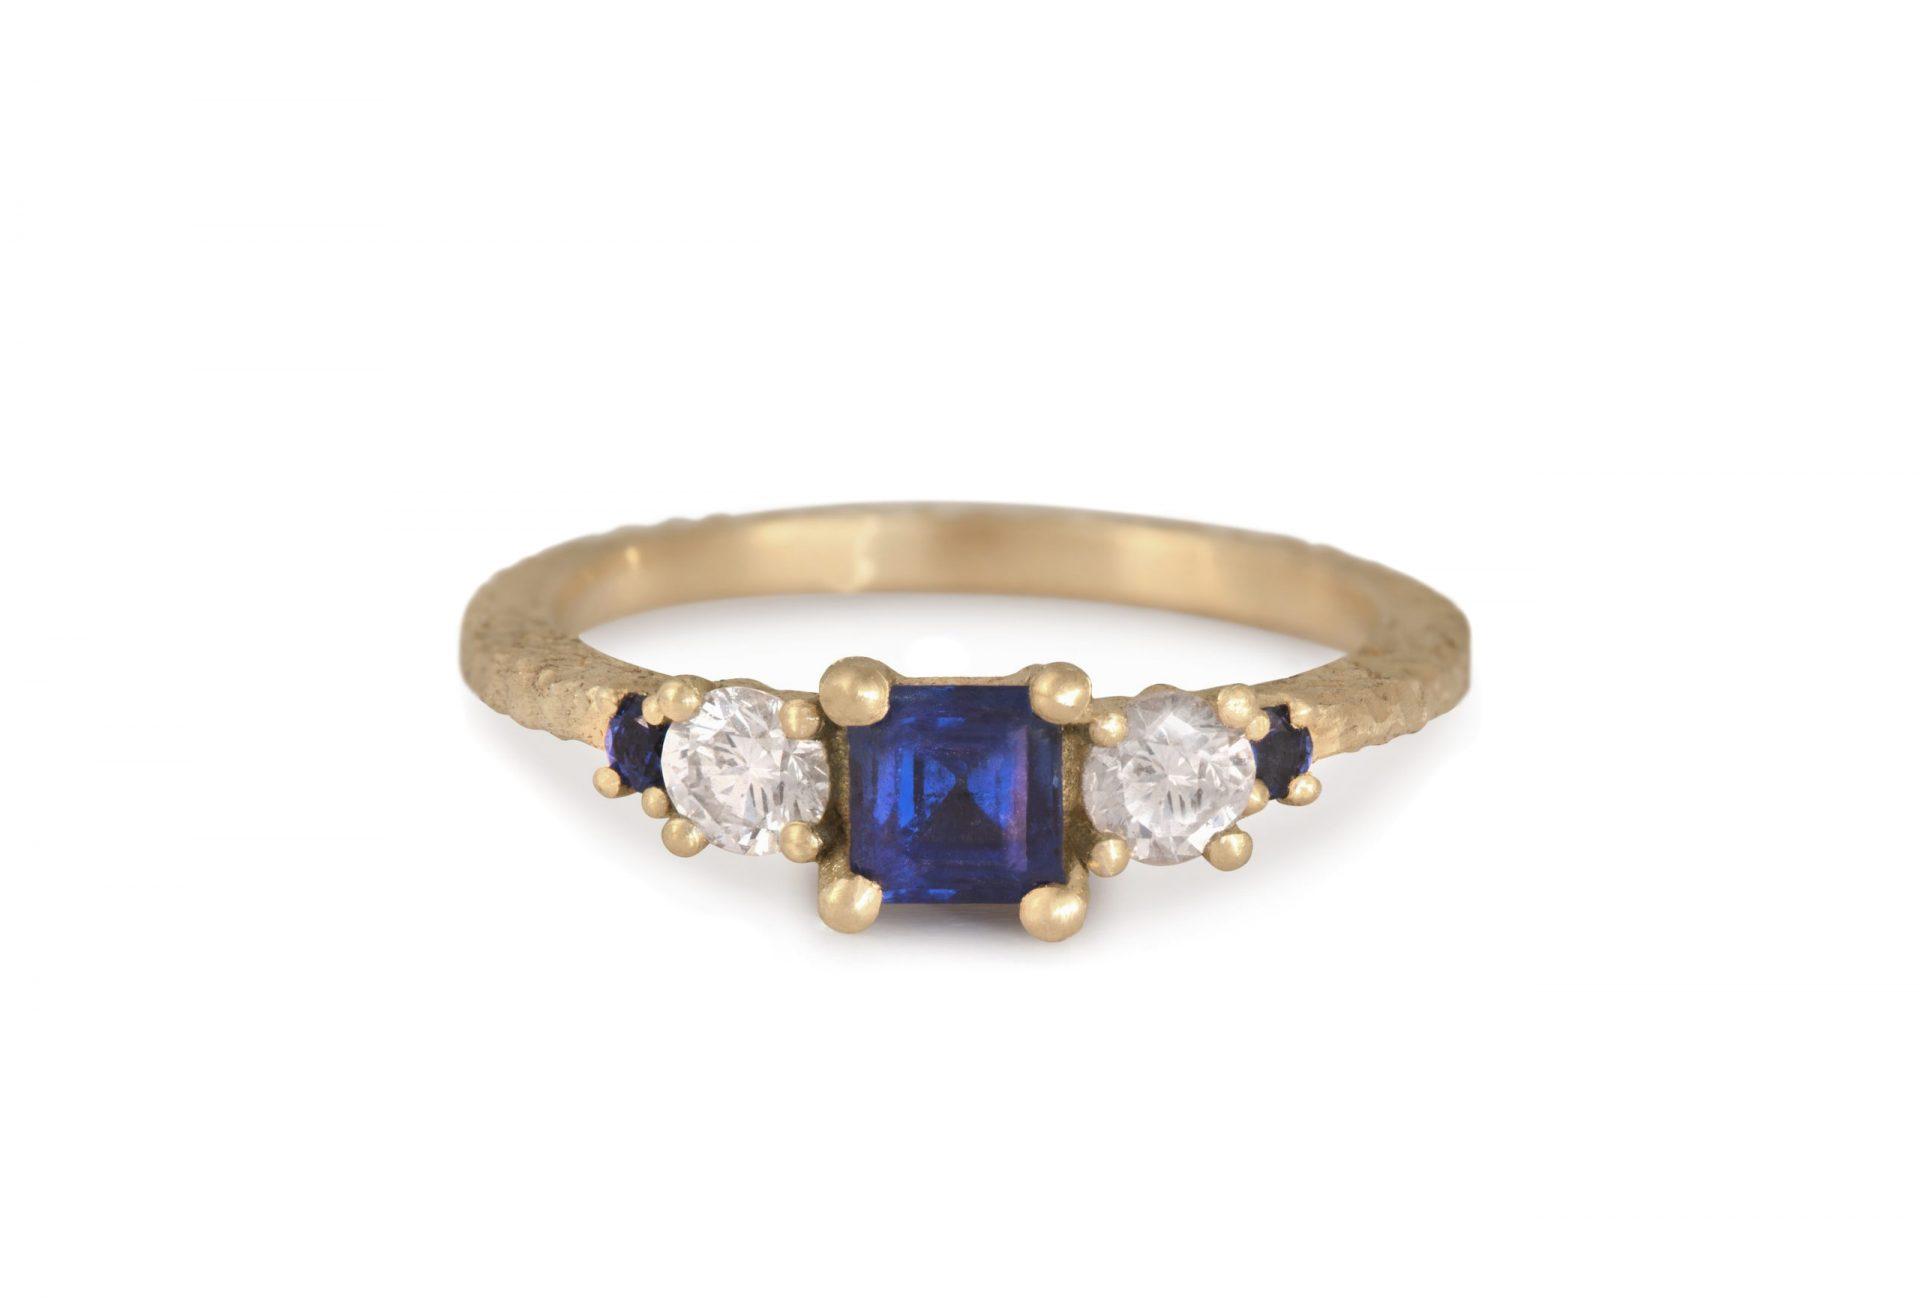 Mum's Five Stone Ring